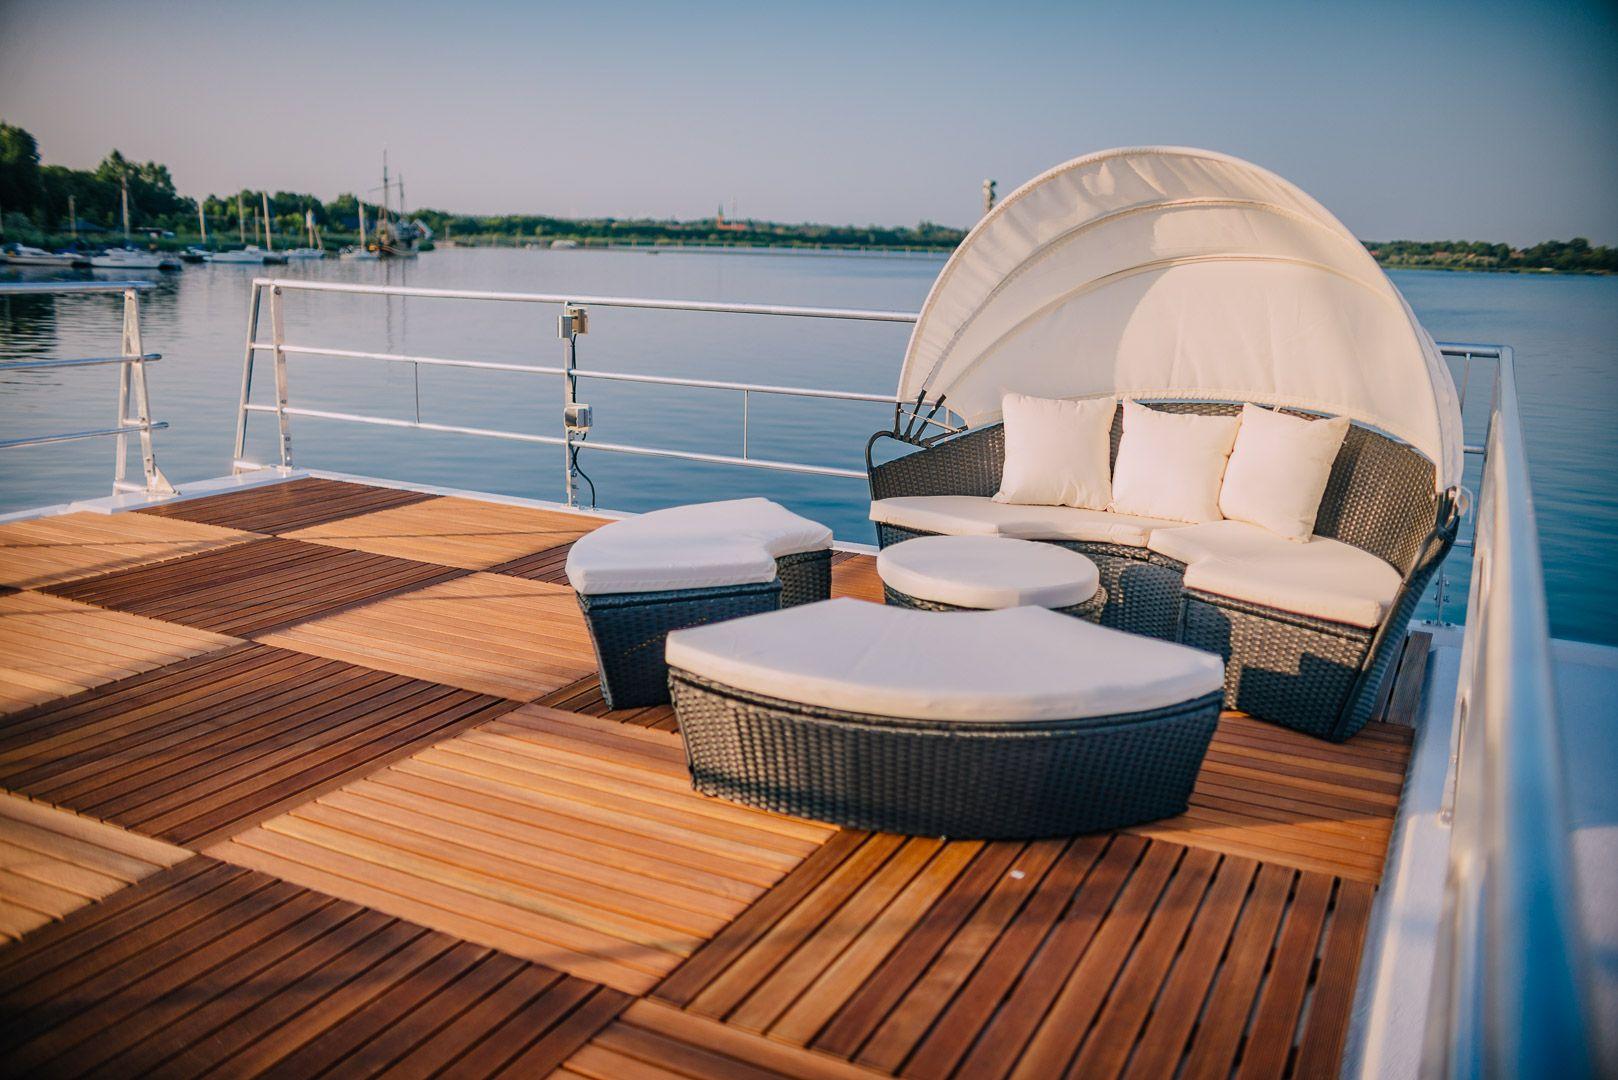 Ein Hausboot für den Urlaub mieten oder kaufen bei